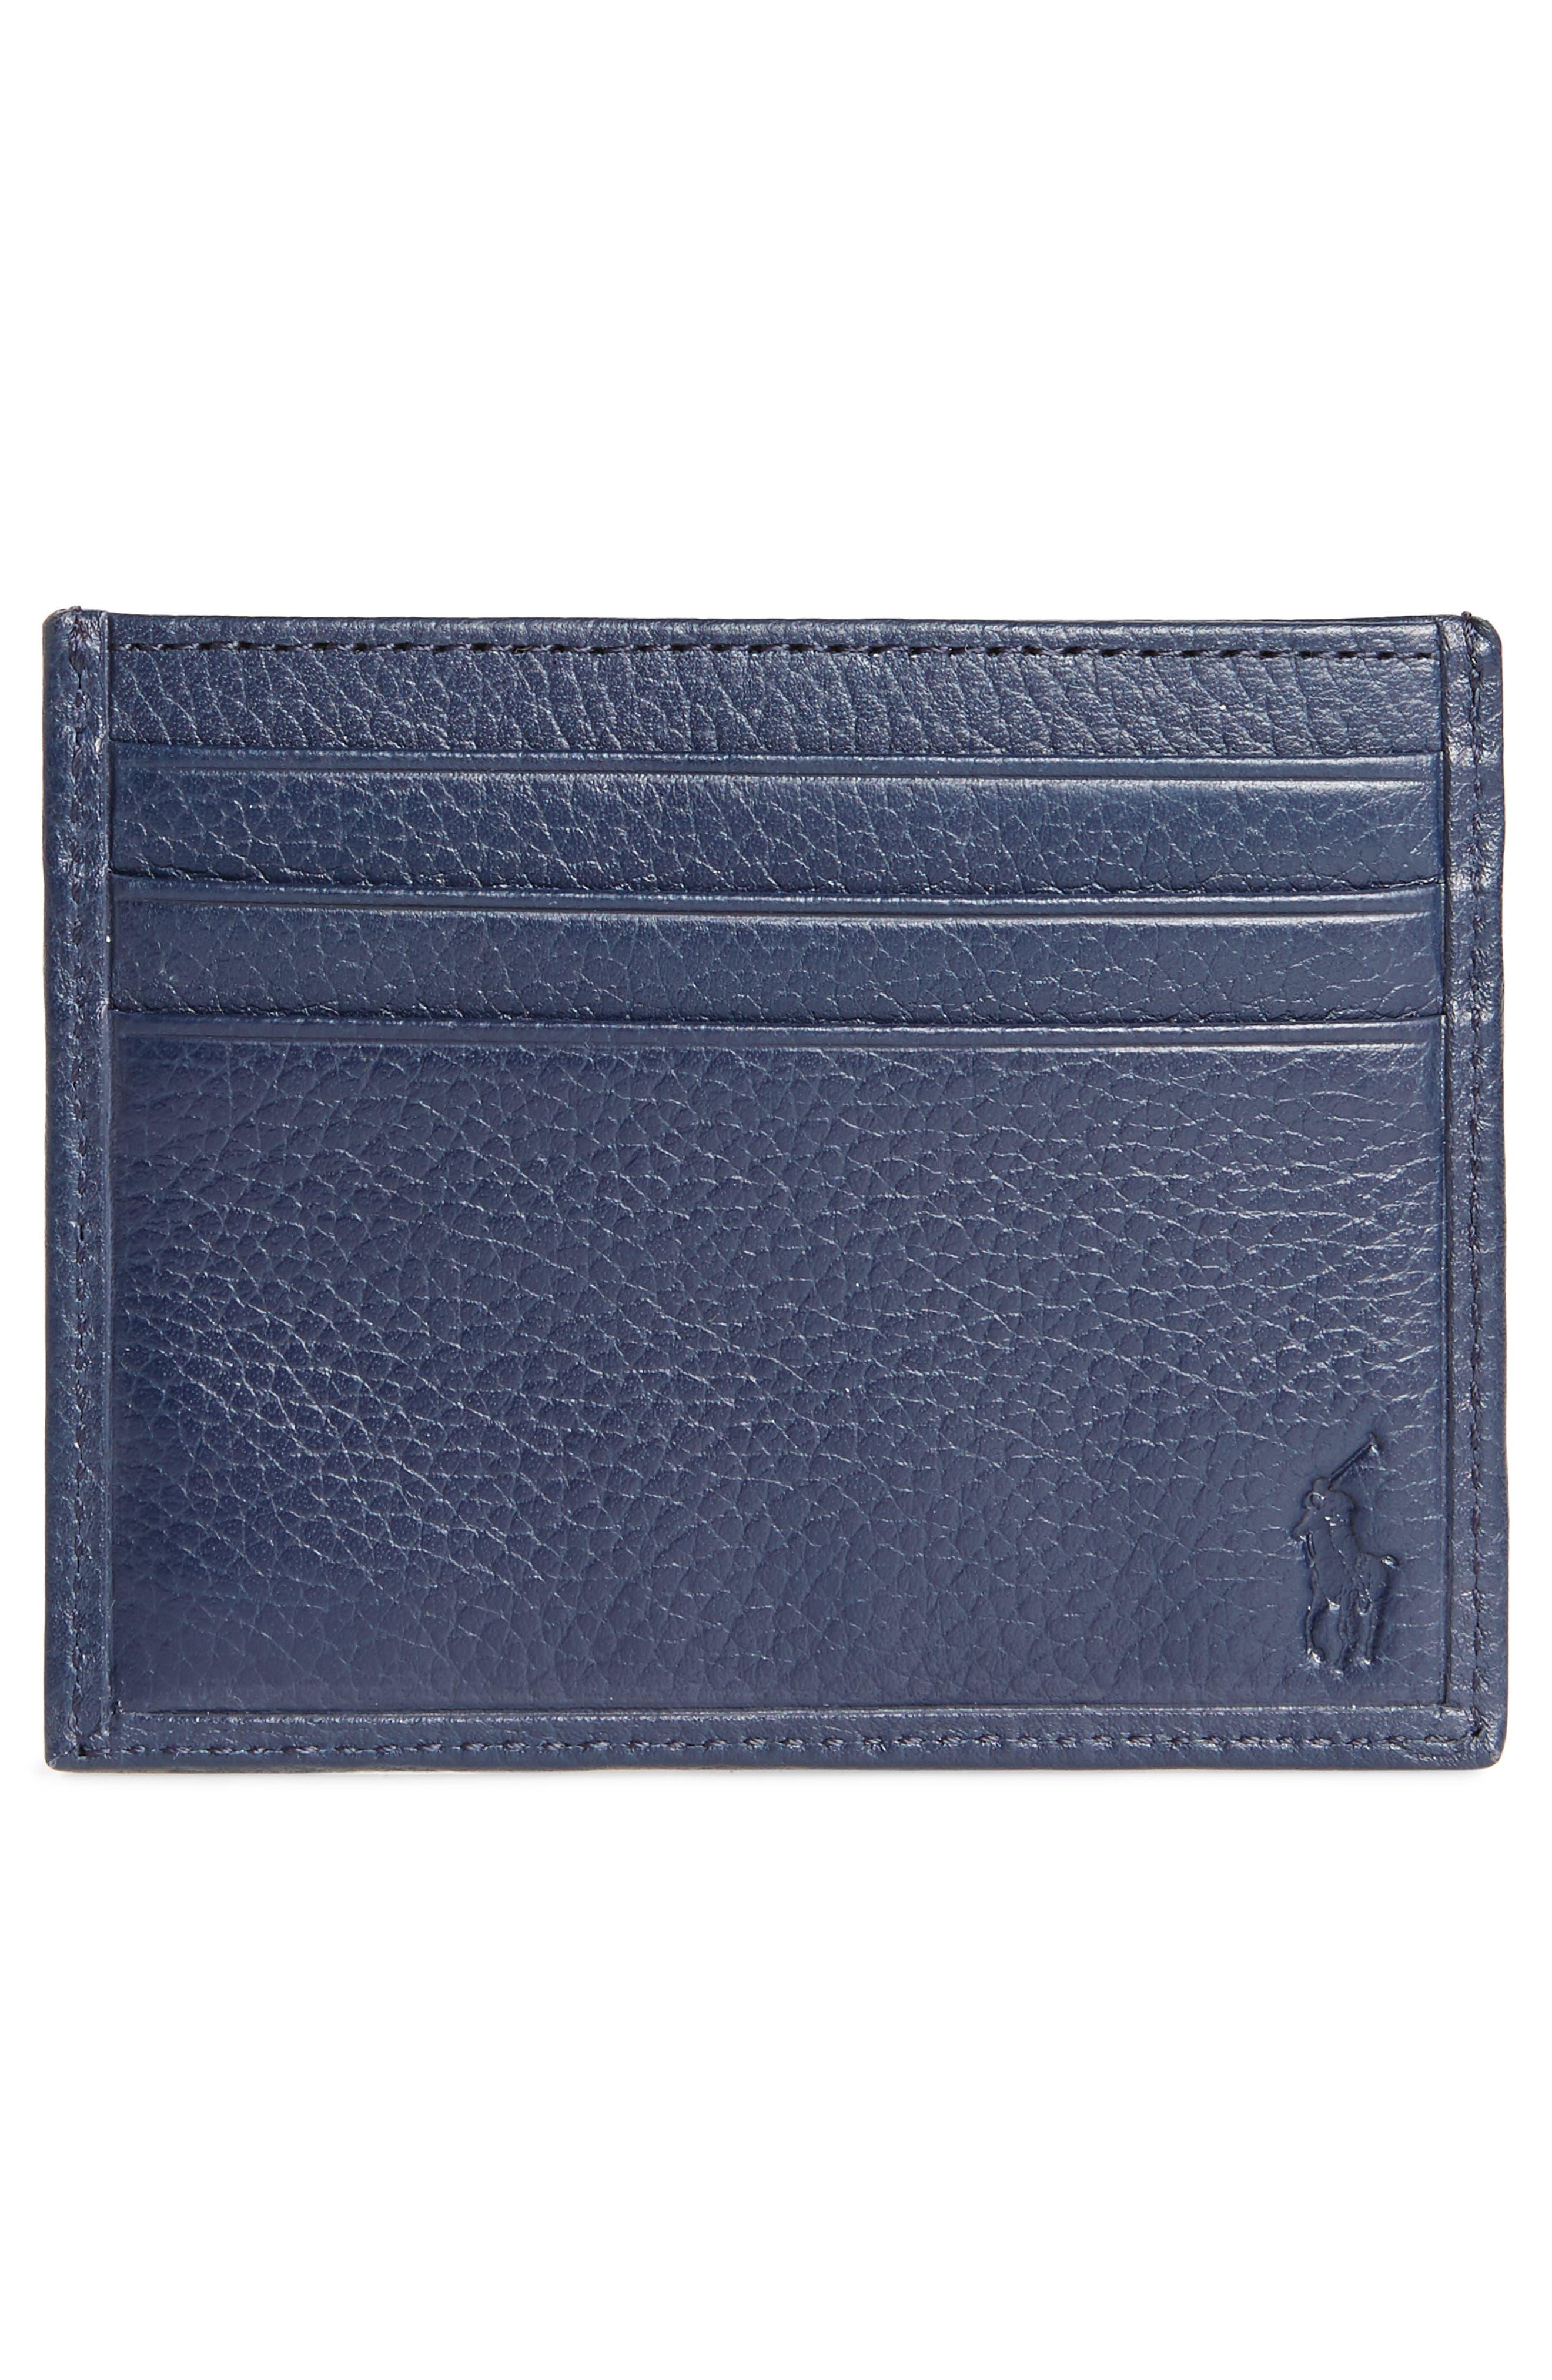 business card holder | Nordstrom